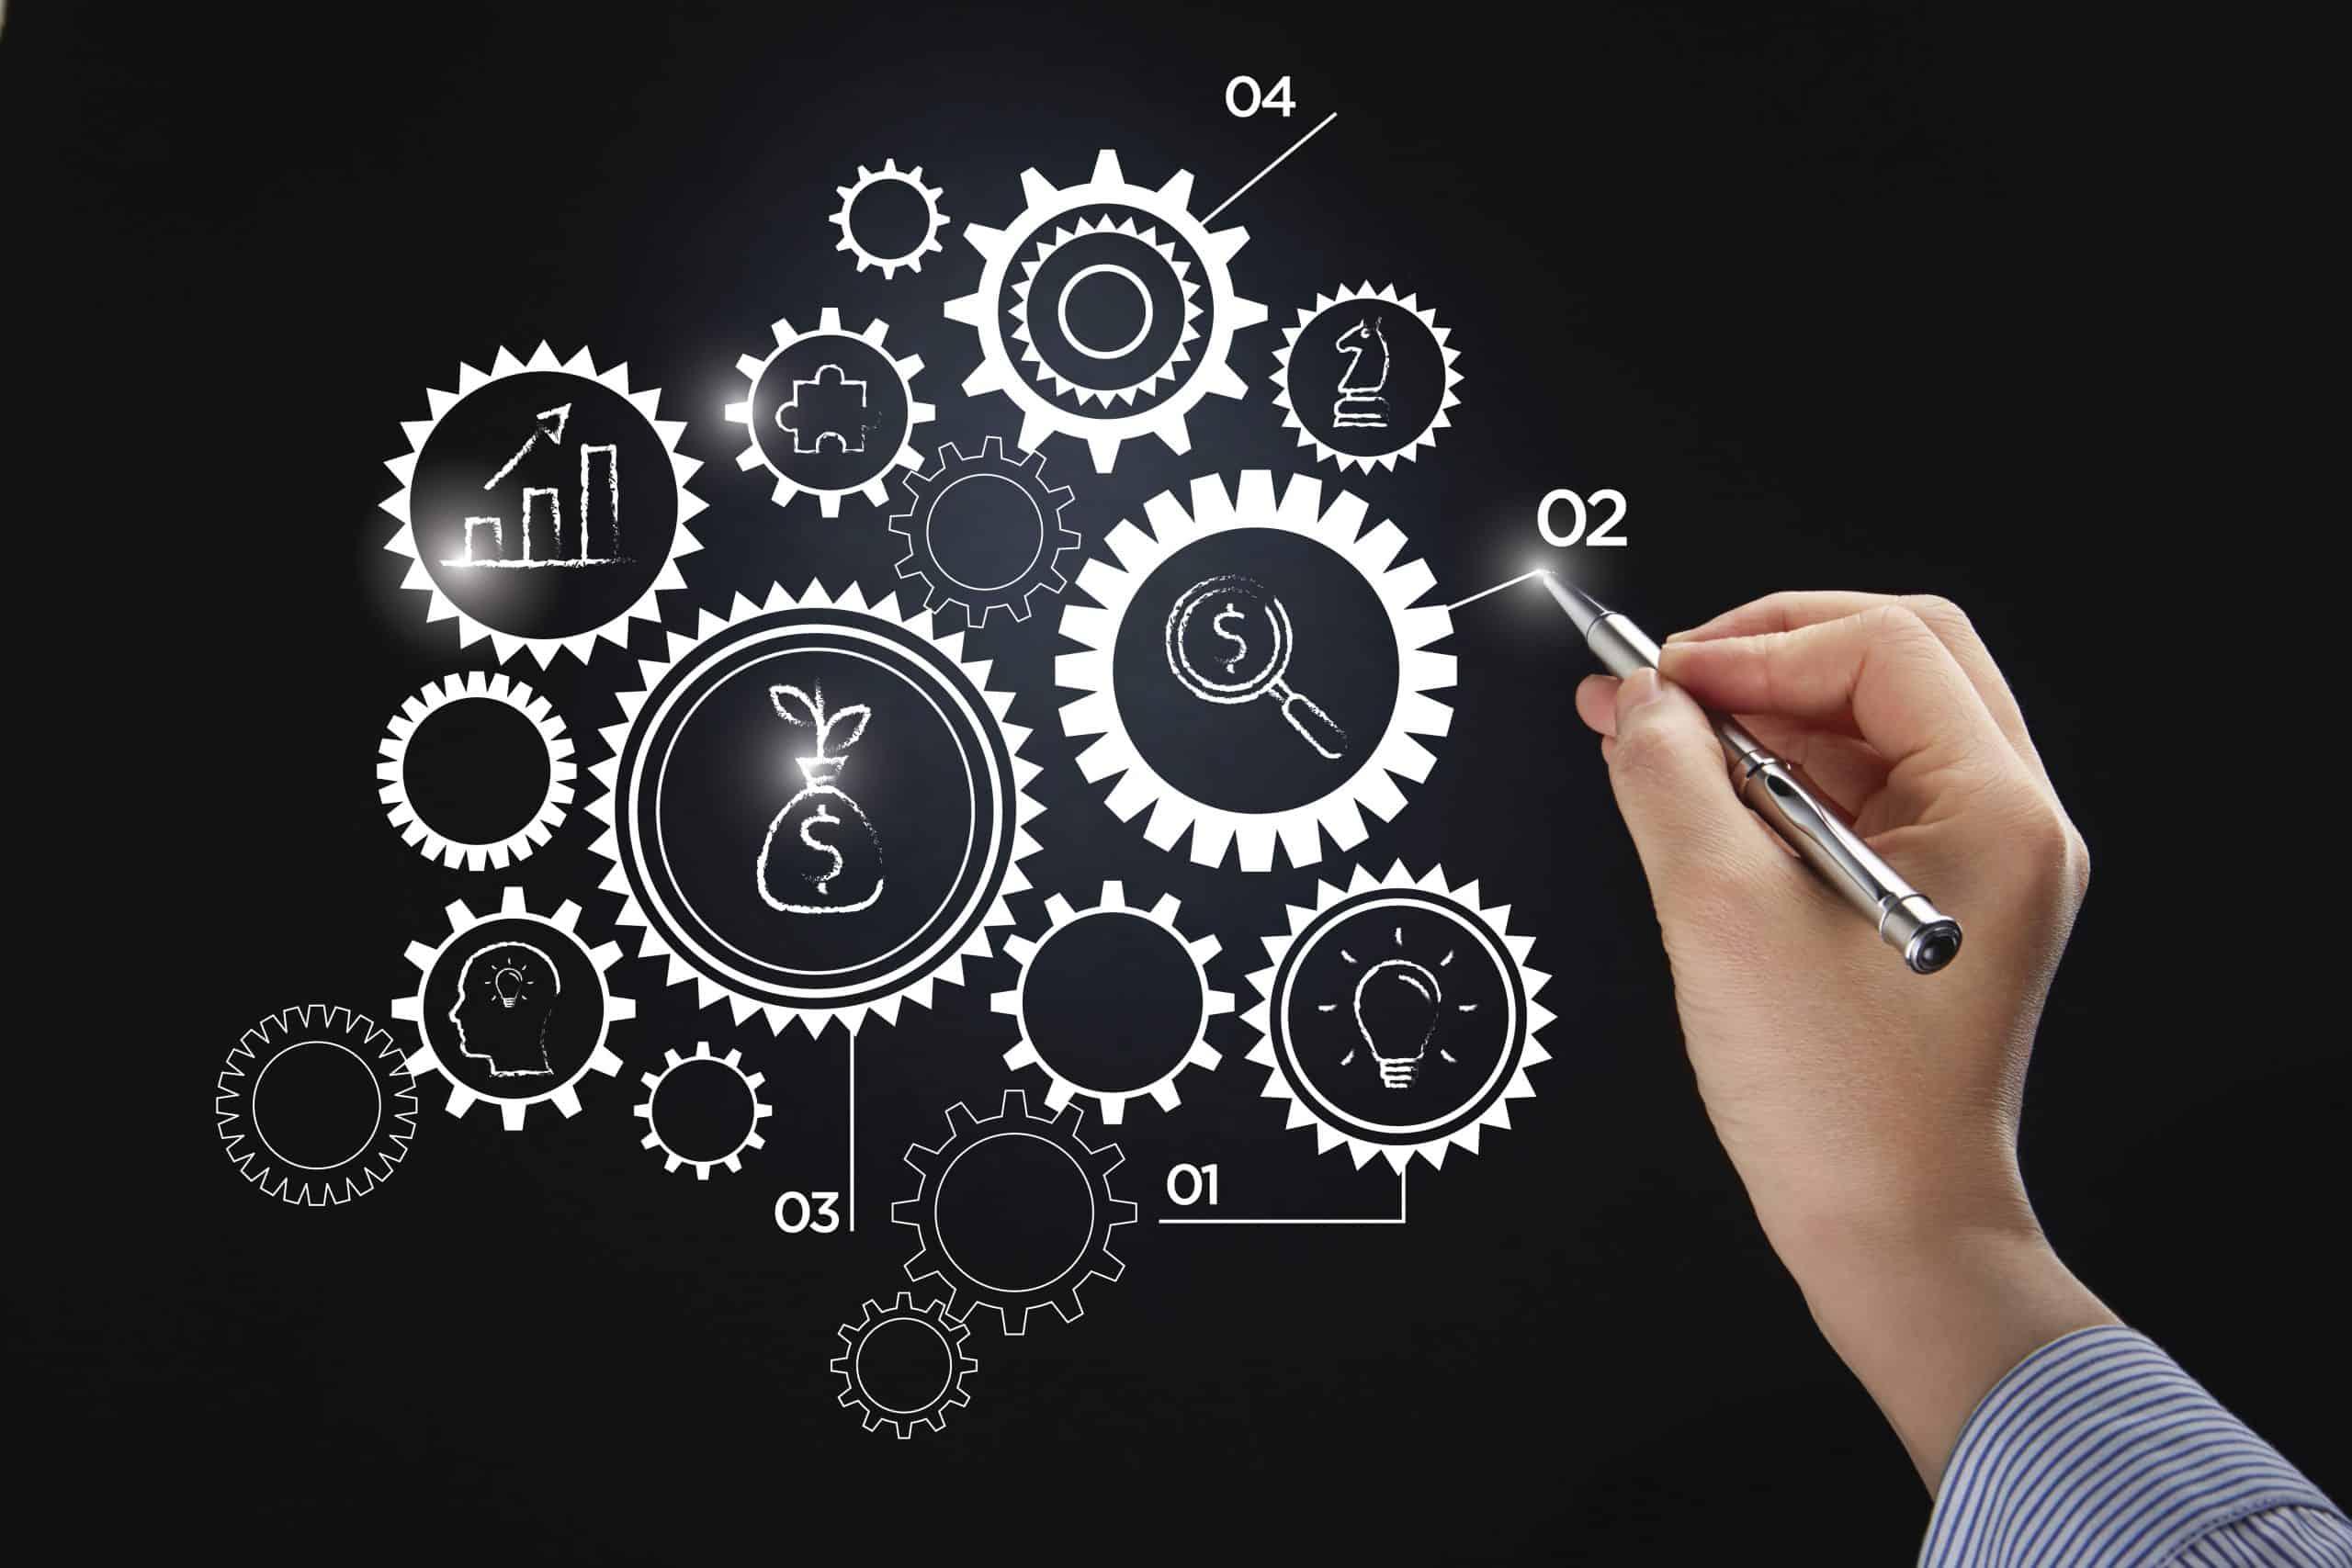 In de wereldwijde race om O&O-budgetten, moet een bedrijf innoveren om geen marktaandeel te verliezen